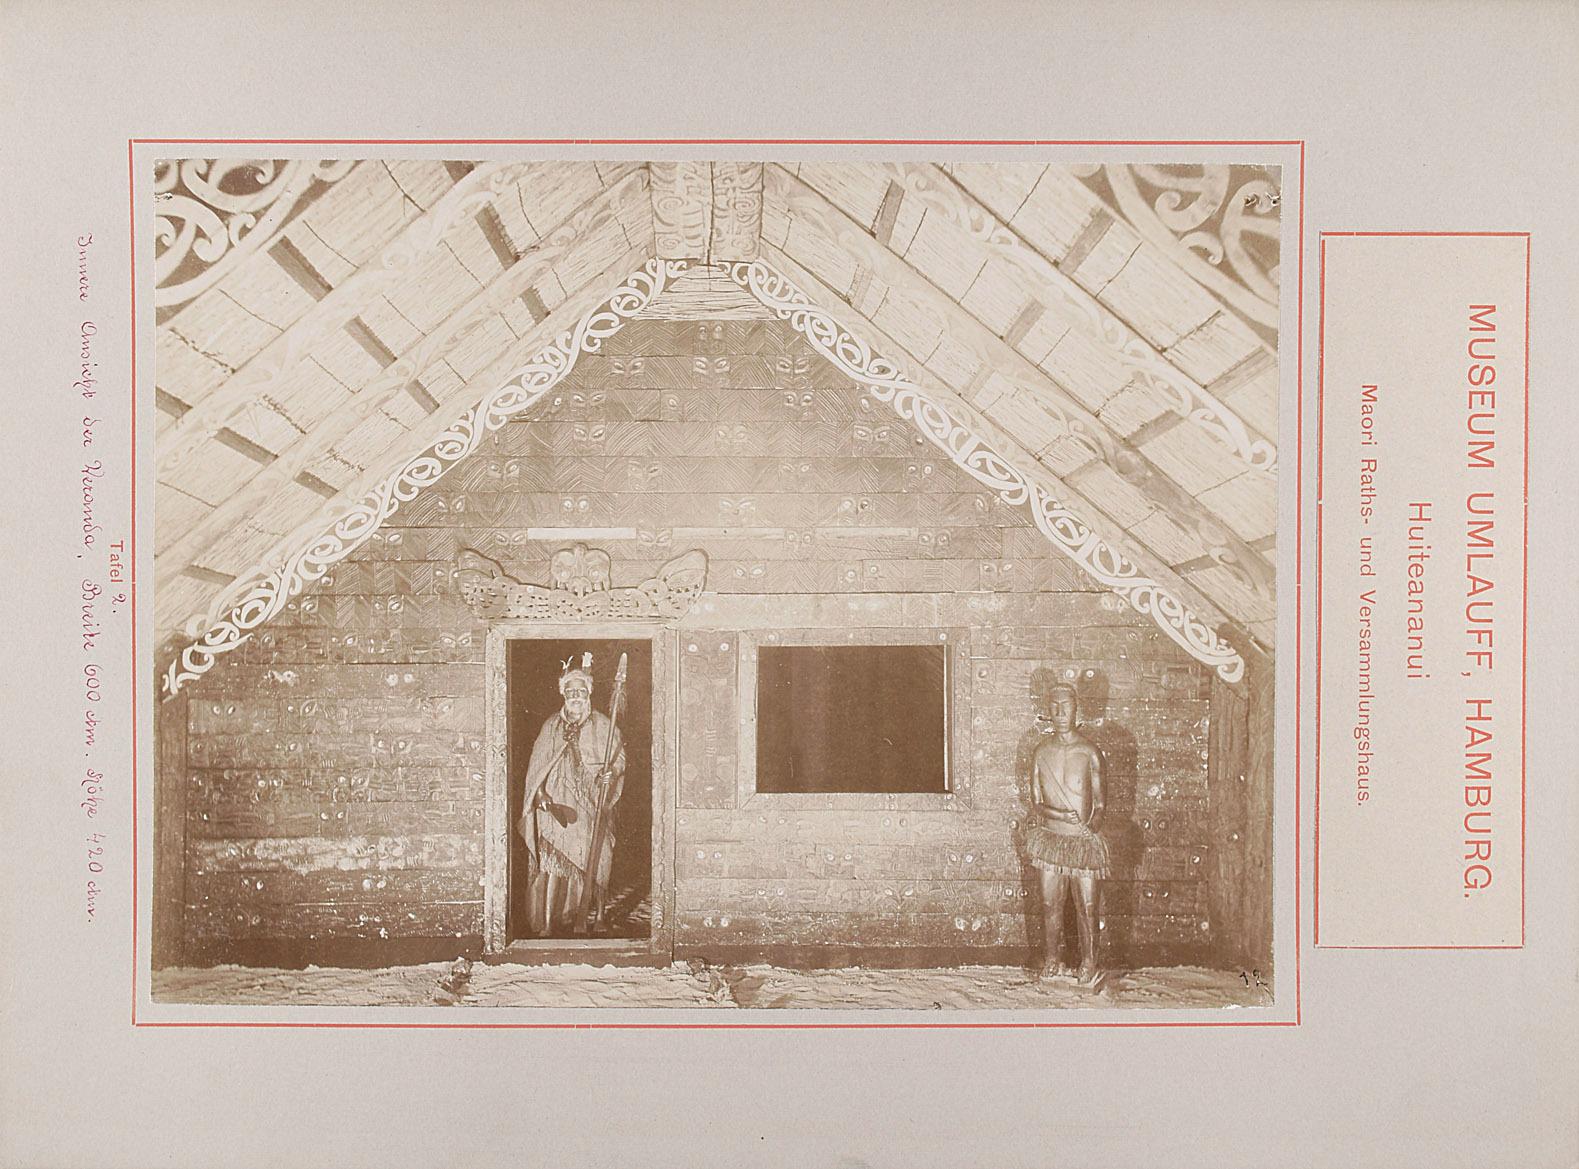 Museum Umlauff, Hamburg. Huiteananui, Maori Raths- und Versammlungshaus: Tafel 2. Innere Ansicht der Veranda, Breite 600 cm, Höhe 420 cm von anonym